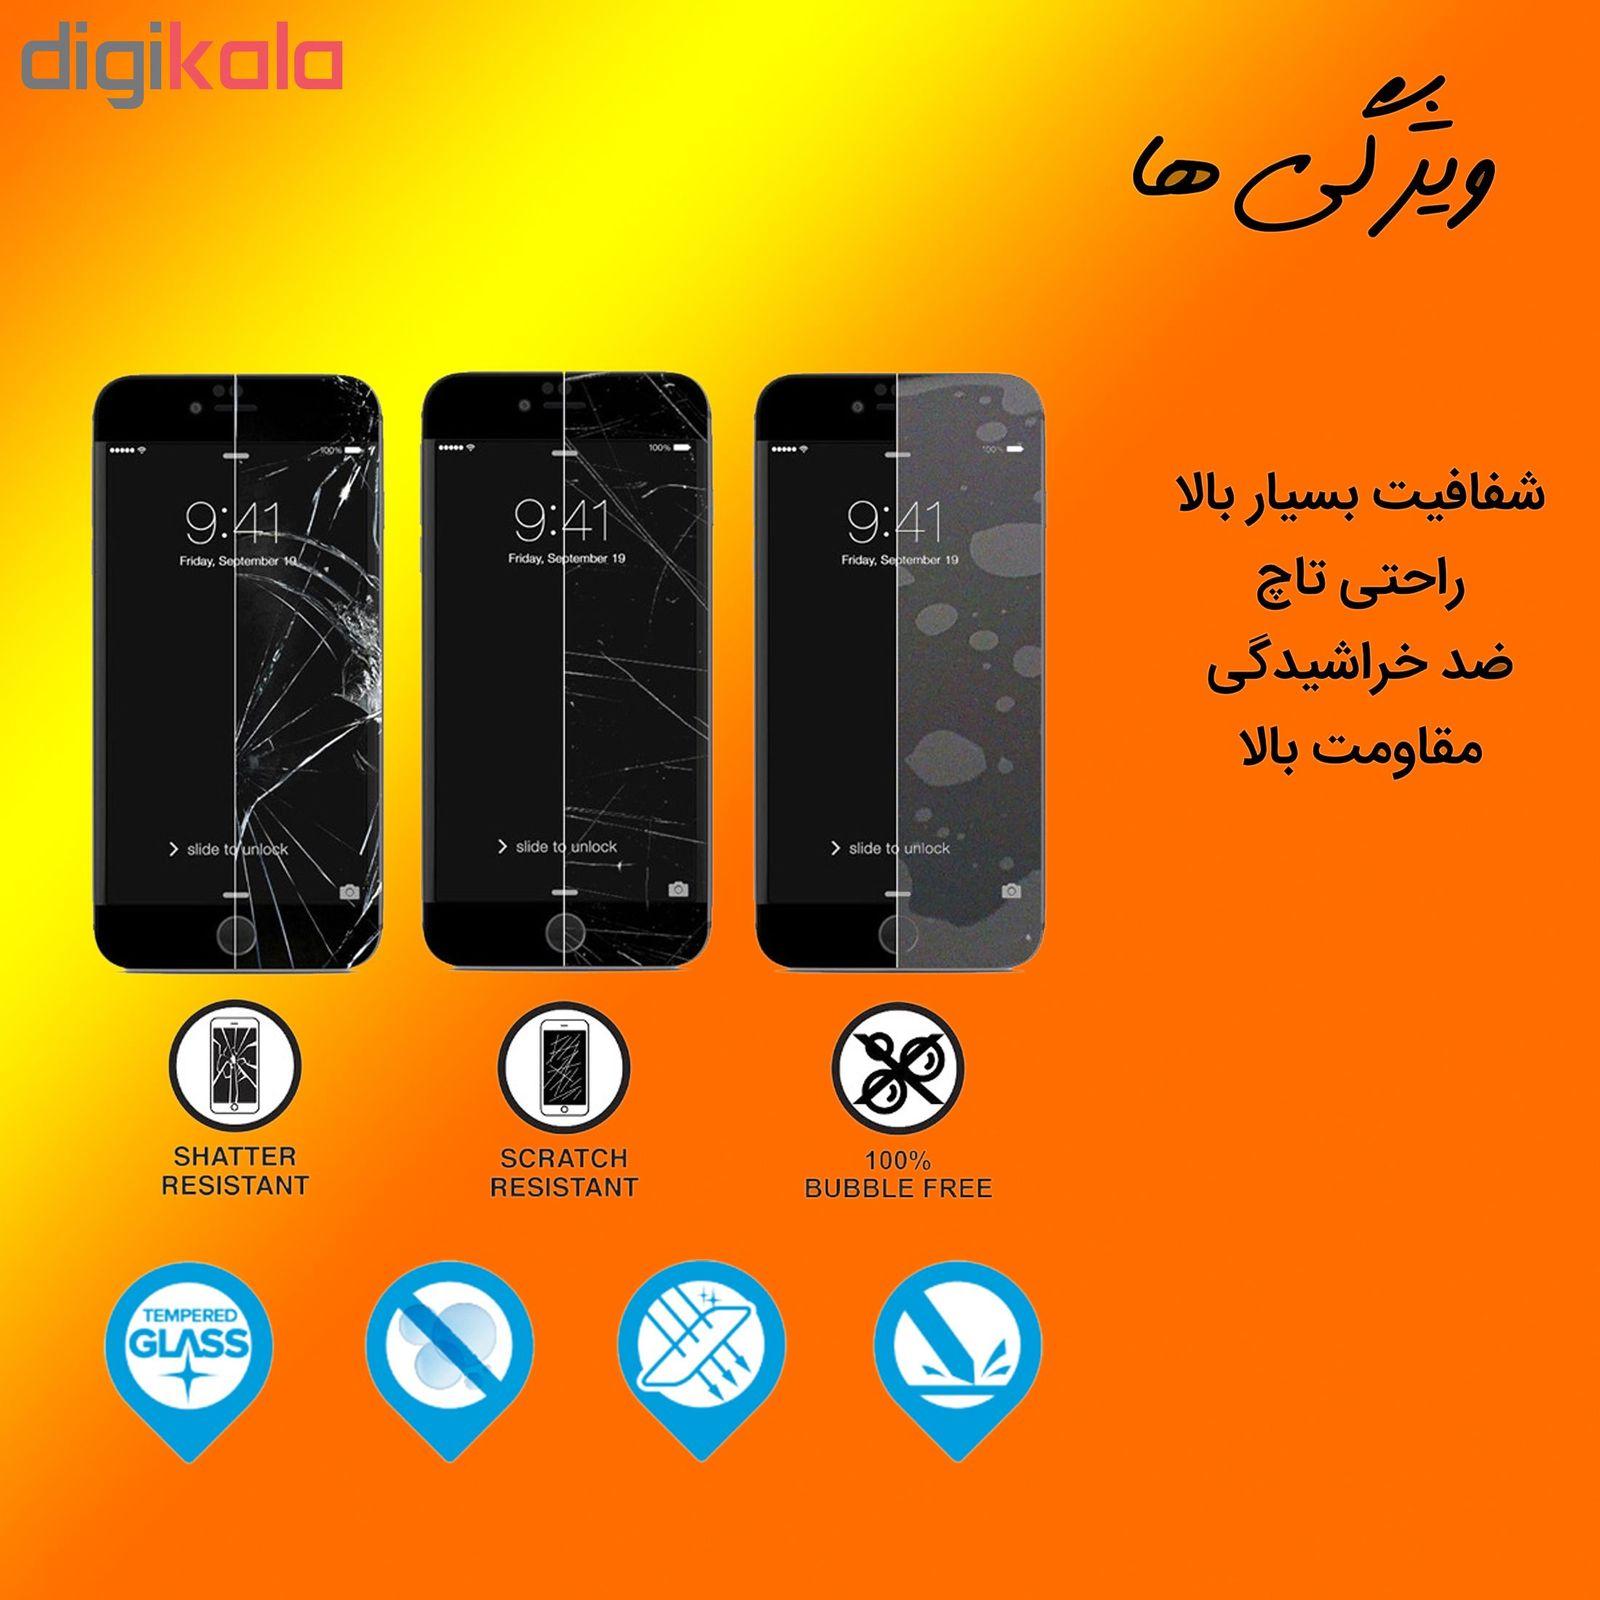 محافظ صفحه نمایش Hard and thick مدل F-001 مناسب برای گوشی موبایل سامسونگ Galaxy Note 10 main 1 2